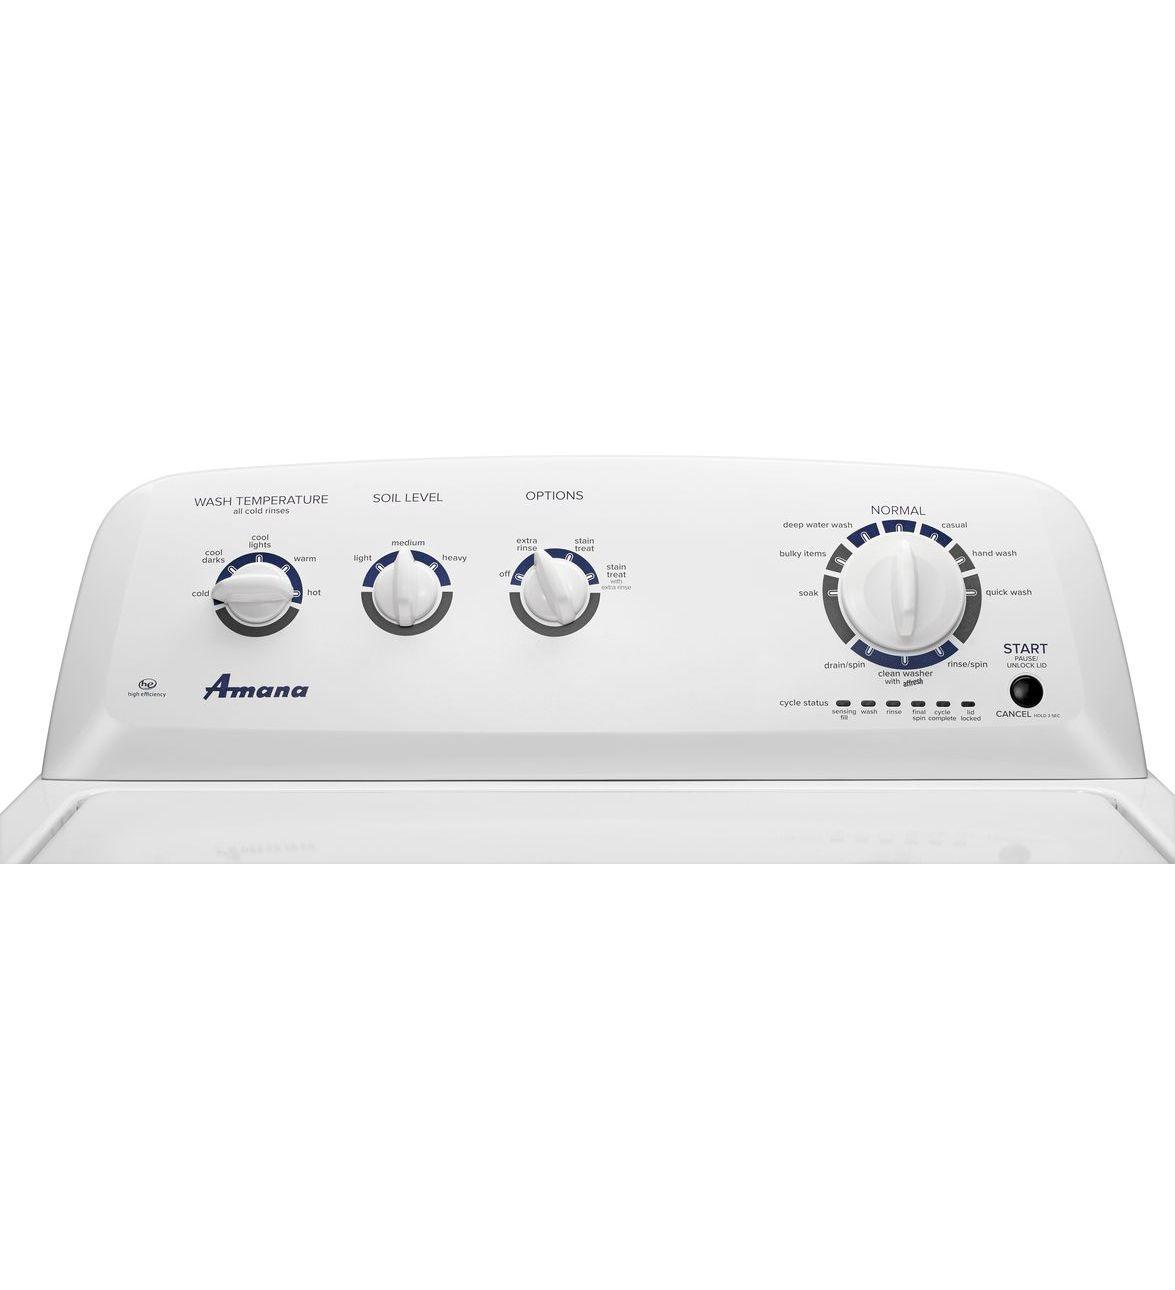 Ntw4755ew Amana 42 Cu Ft Iec High Efficiency Top Load Washer Washing Machine Wiring Diagram Ntw4755ewgallery Image